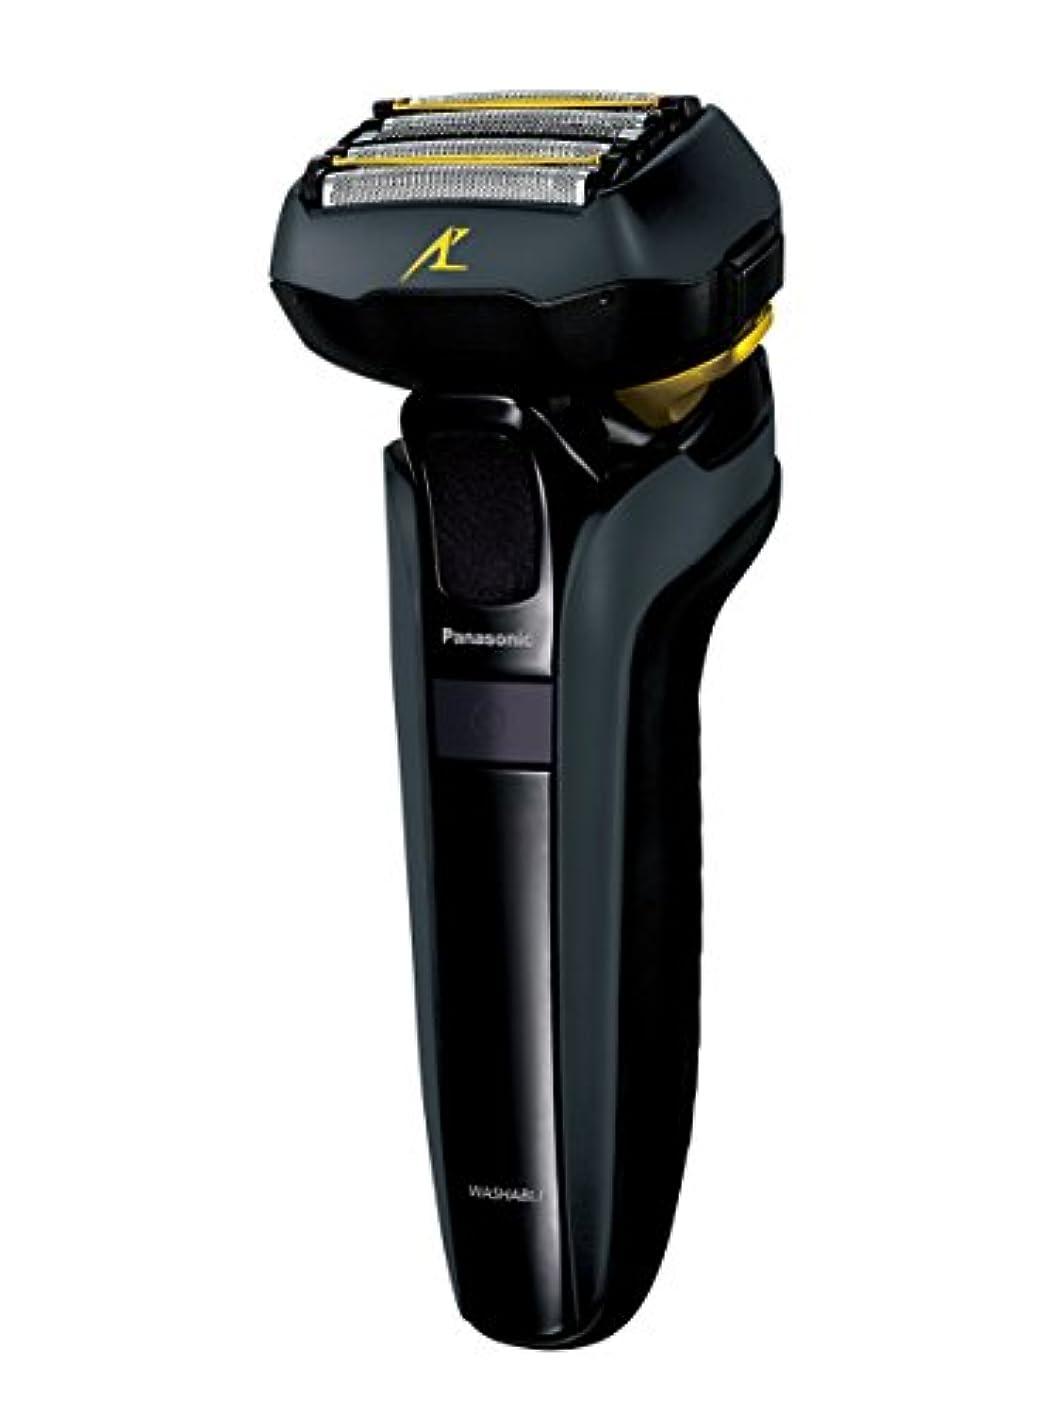 規則性オートマトン識別パナソニック ラムダッシュ メンズシェーバー 5枚刃 黒 ES-CLV5D-K